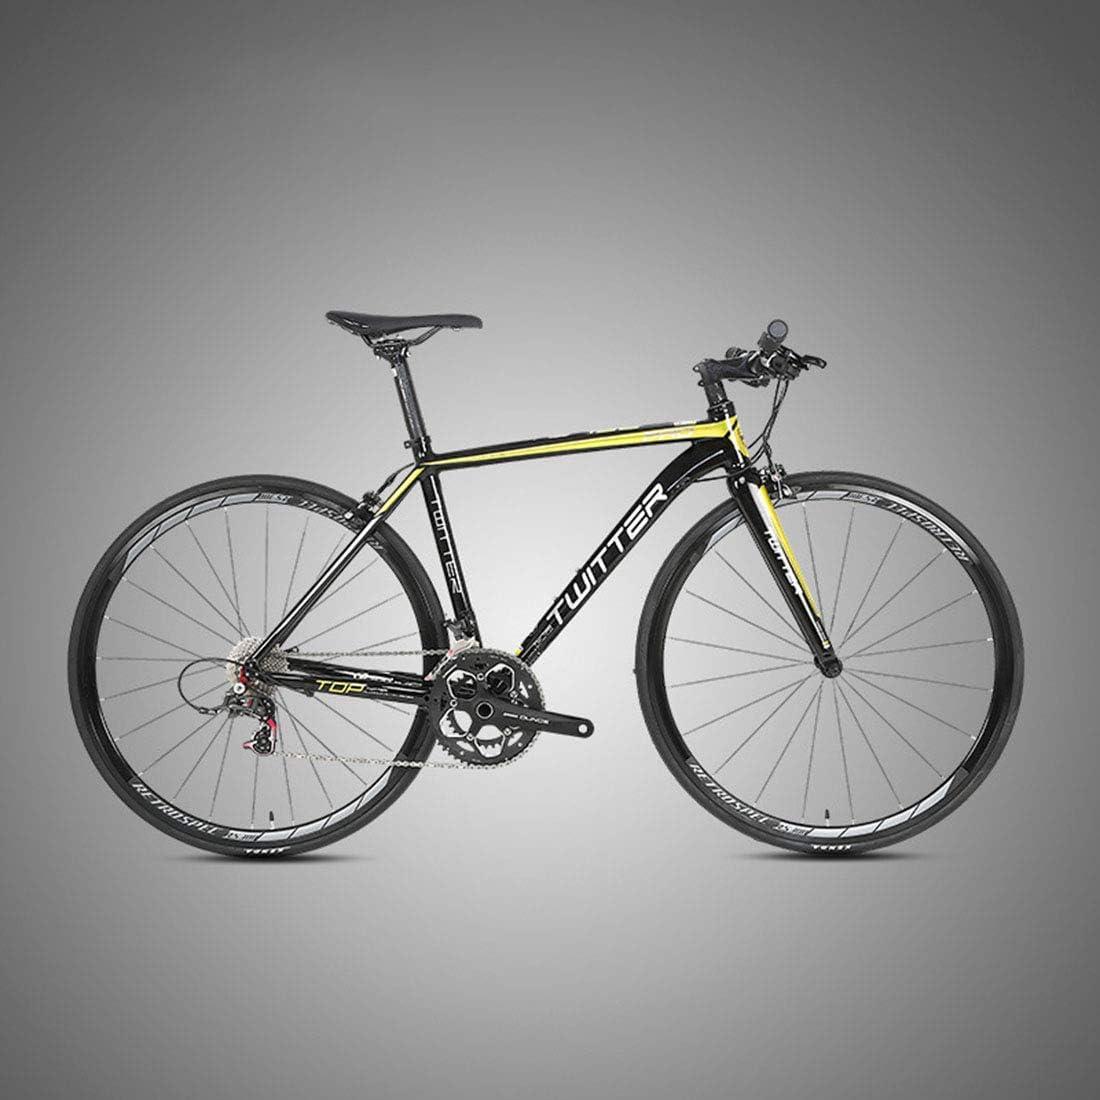 MICAKO Bicicleta de Aleación de Aluminio, Bicicleta de Carretera ...